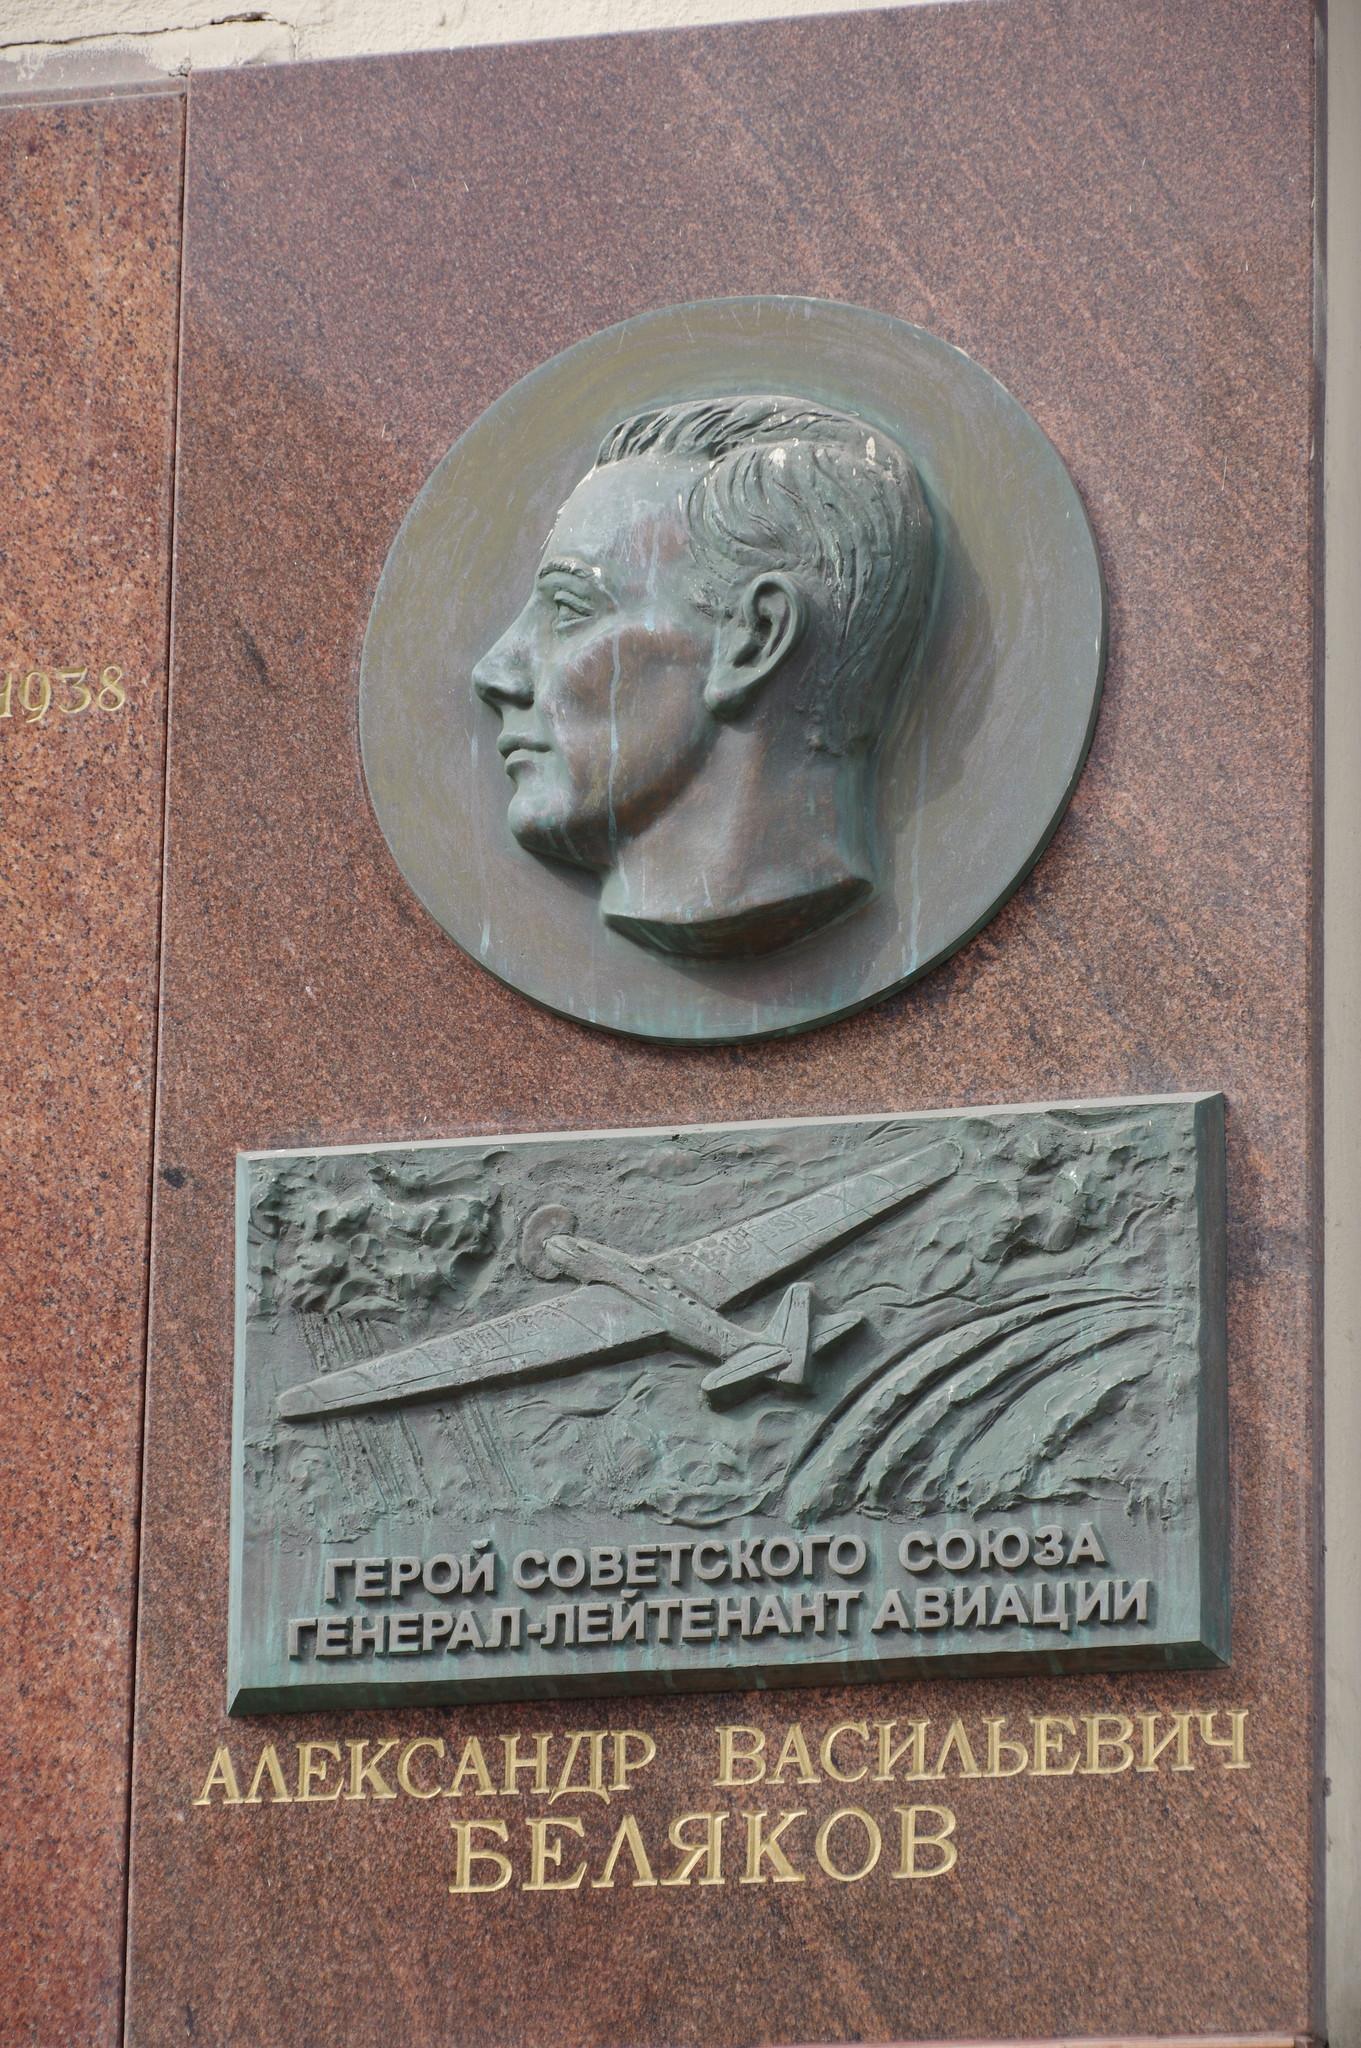 Мемориальная доска на фасаде дома в котором жил Герой Советского Союза, генерал-лейтенант авиации Александр Васильевич Беляков (улица Земляной Вал, дом 14-16, строение 1)